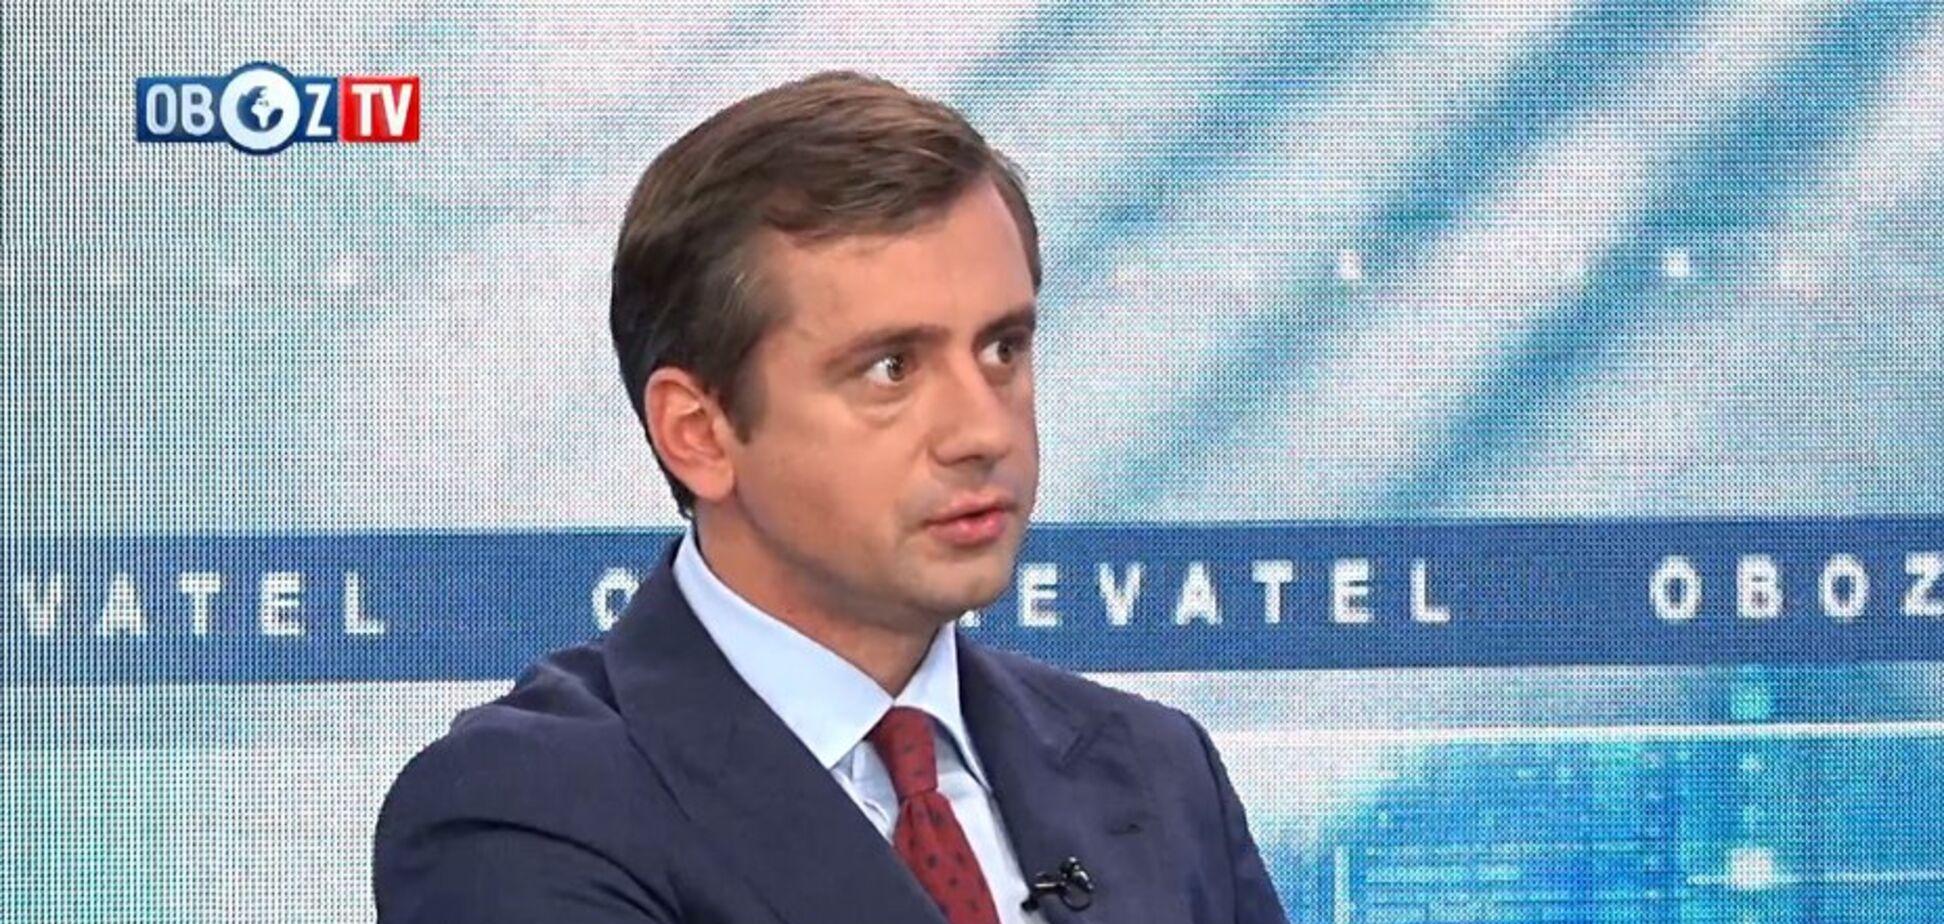 Импичмент Трампа и коррупция в Украине: эксперт пояснил связь